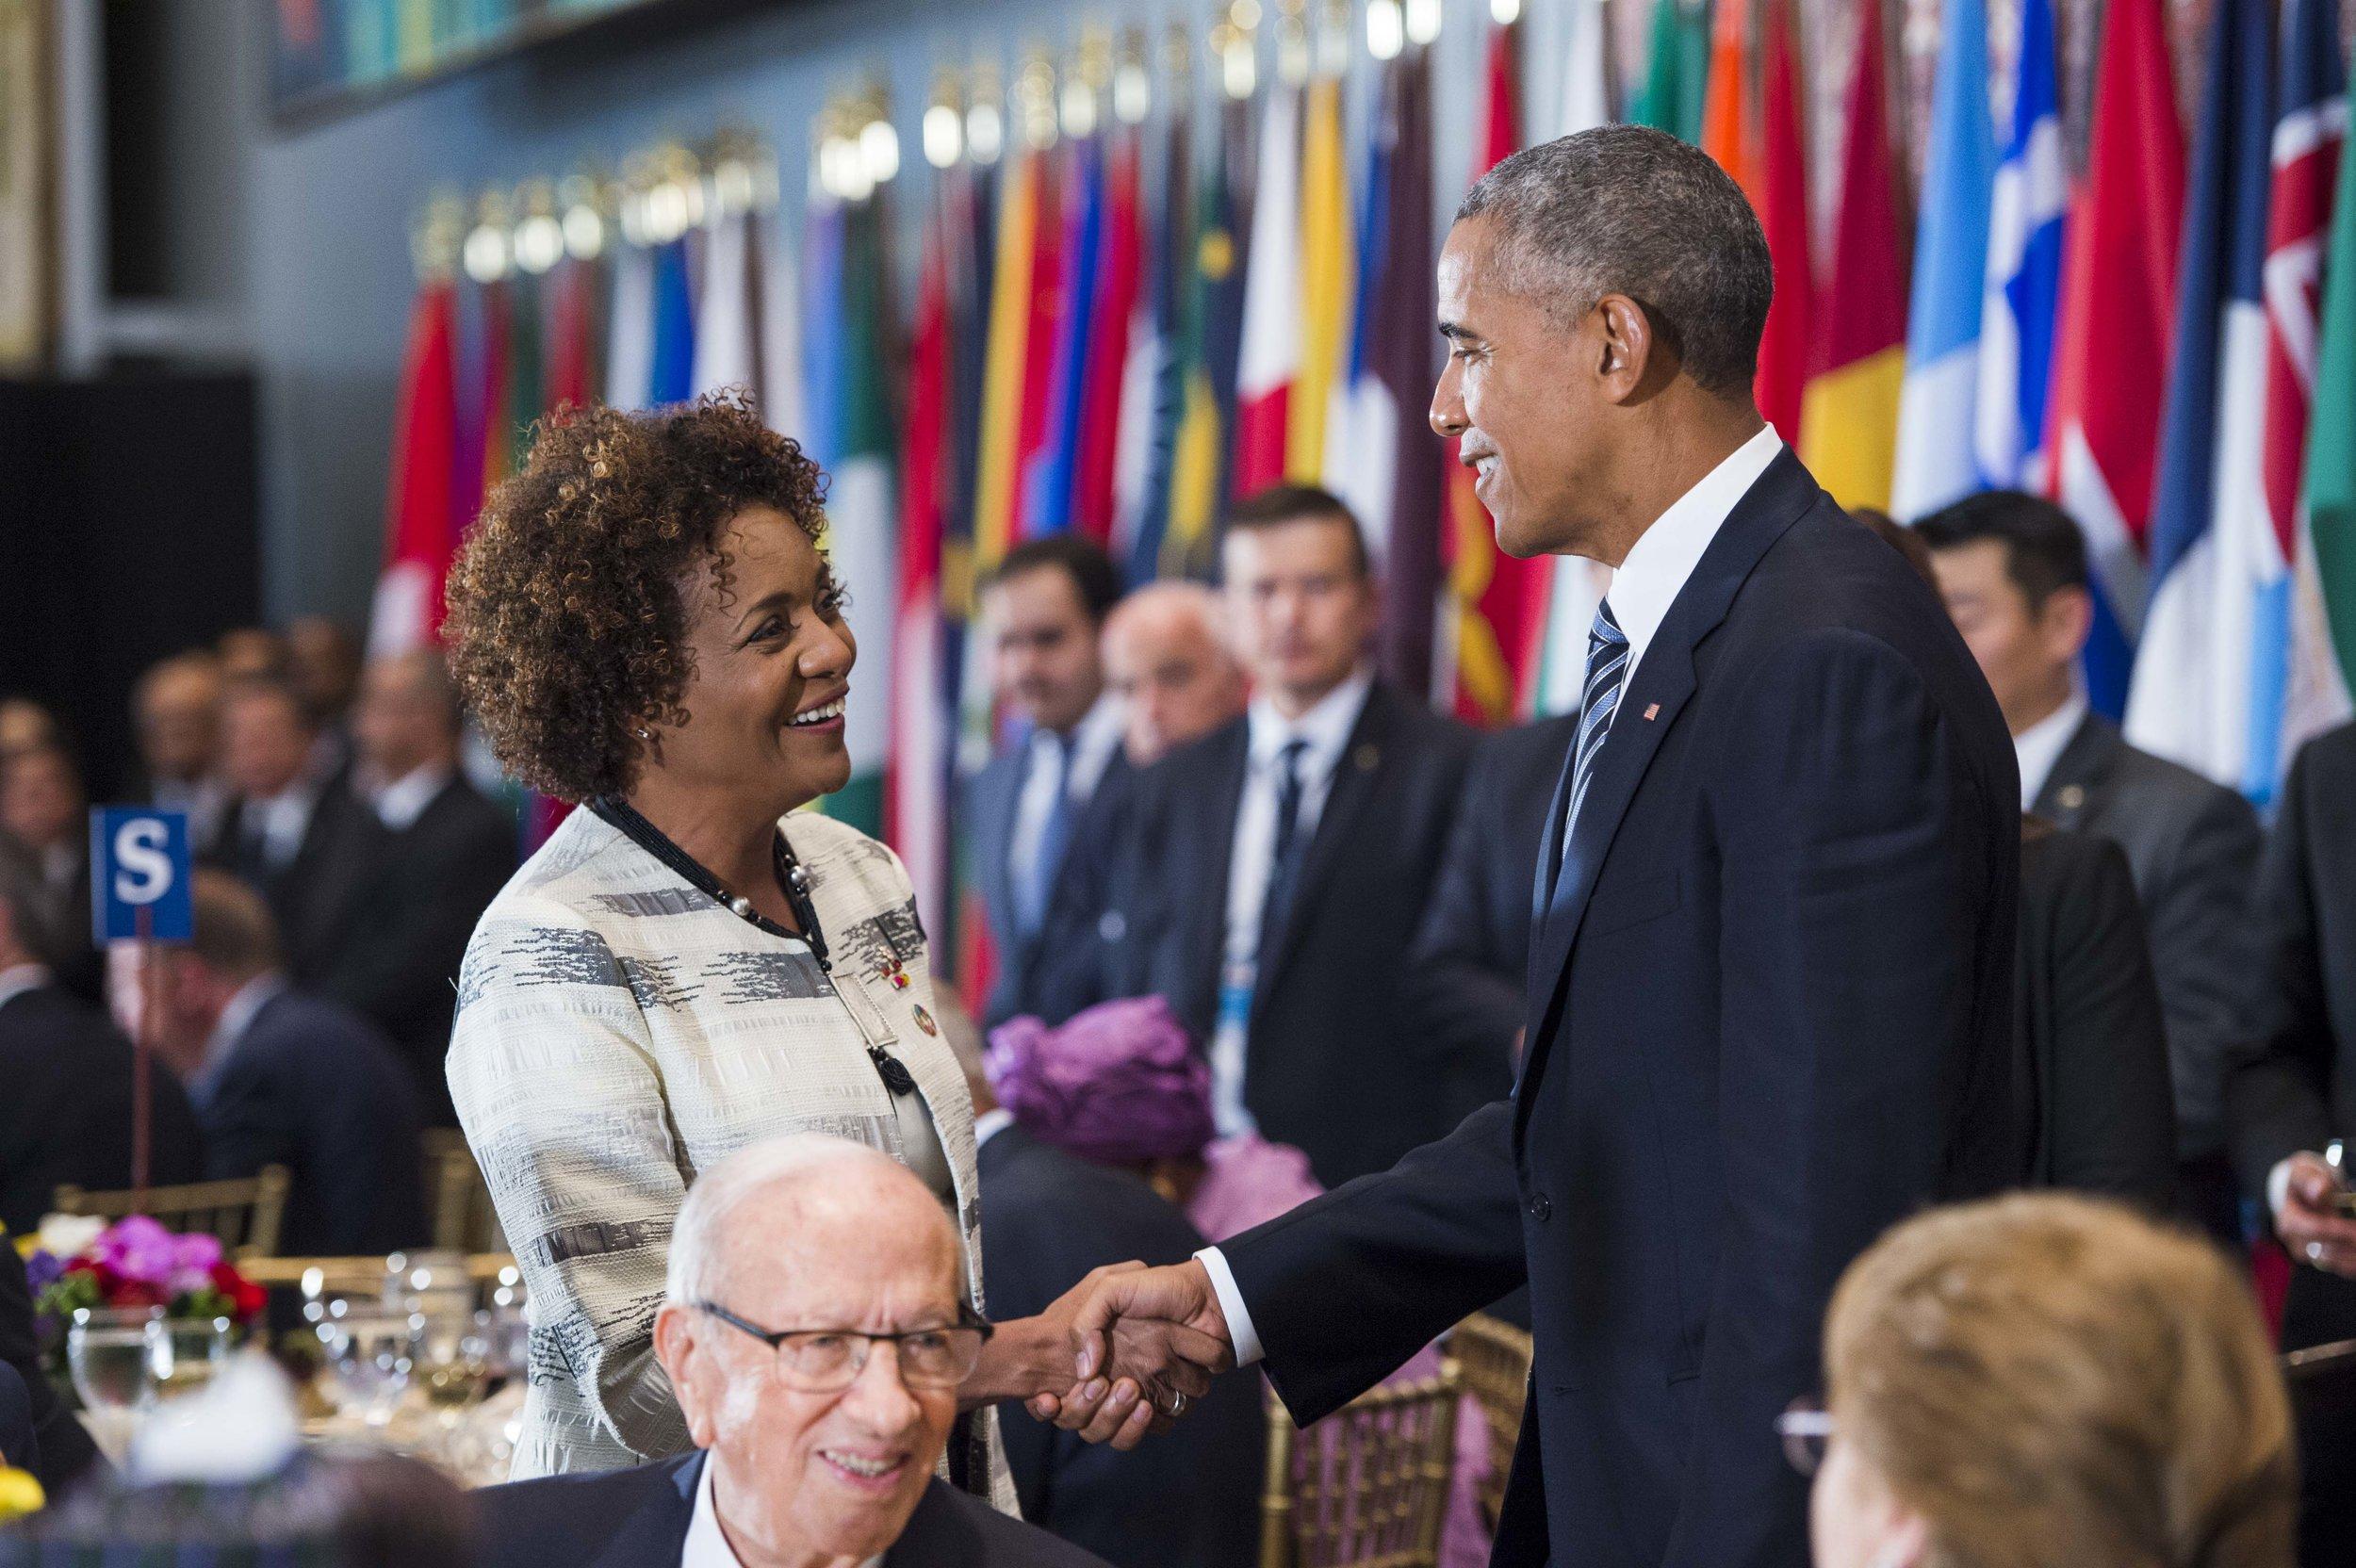 Siège des Nations unies, New York, le 20 septembre 2016 — Le président des États-Unis, M. Barack Obama, échange une poignée de main avec la secrétaire générale de la Francophonie, Son Excellence, la très honorable Michaëlle Jean, à l'occasion d'un déjeuner officiel offert par le secrétaire général des Nations unies aux chefs des délégations de la soixante et onzième session de l'Assemblée générale des Nations unies.